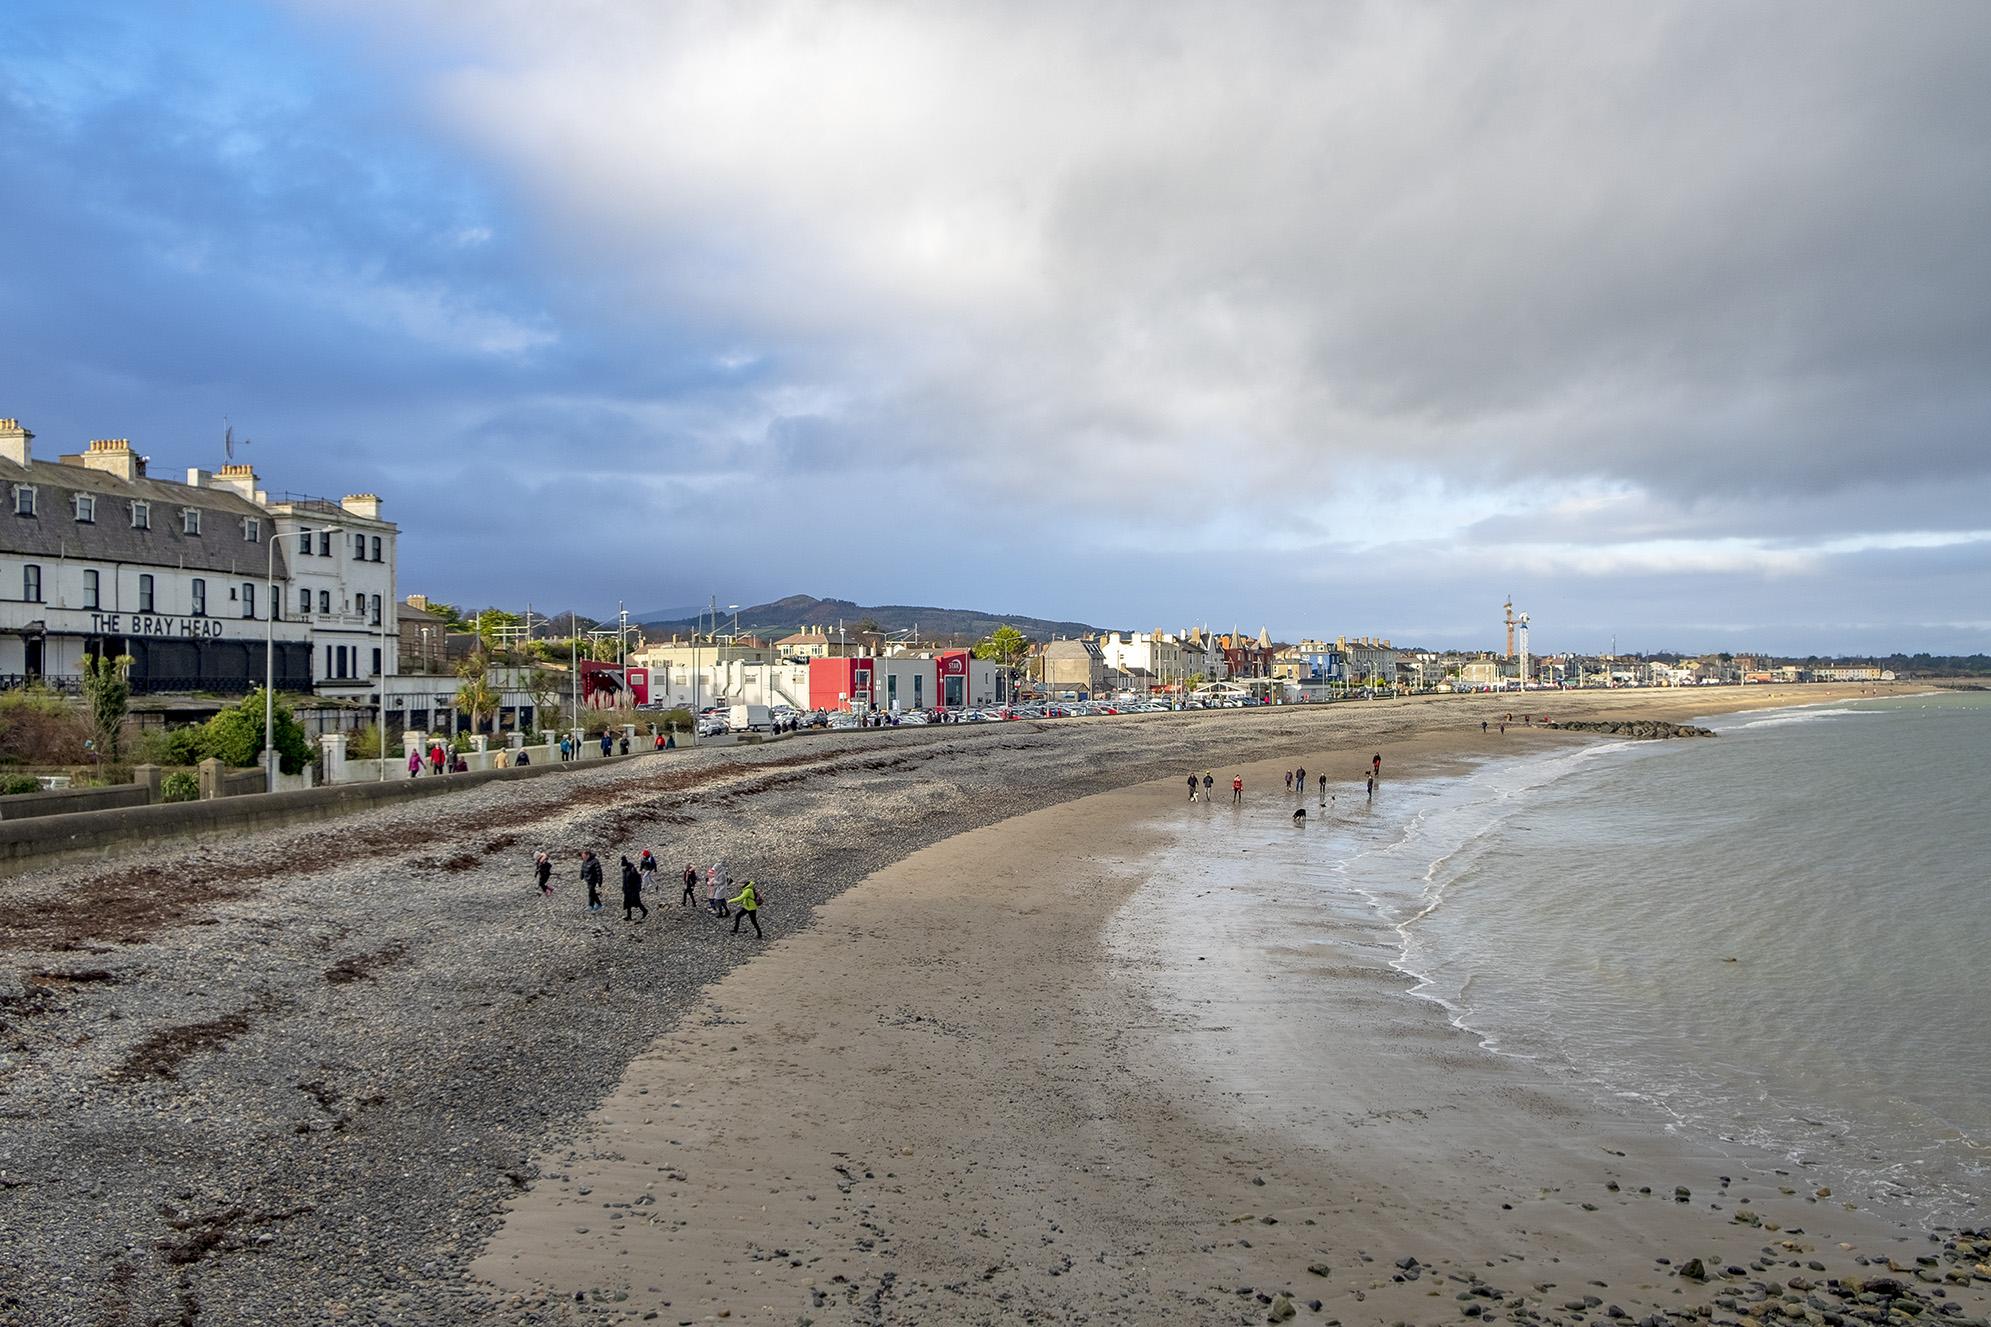 Stranden i Bray. Irland.